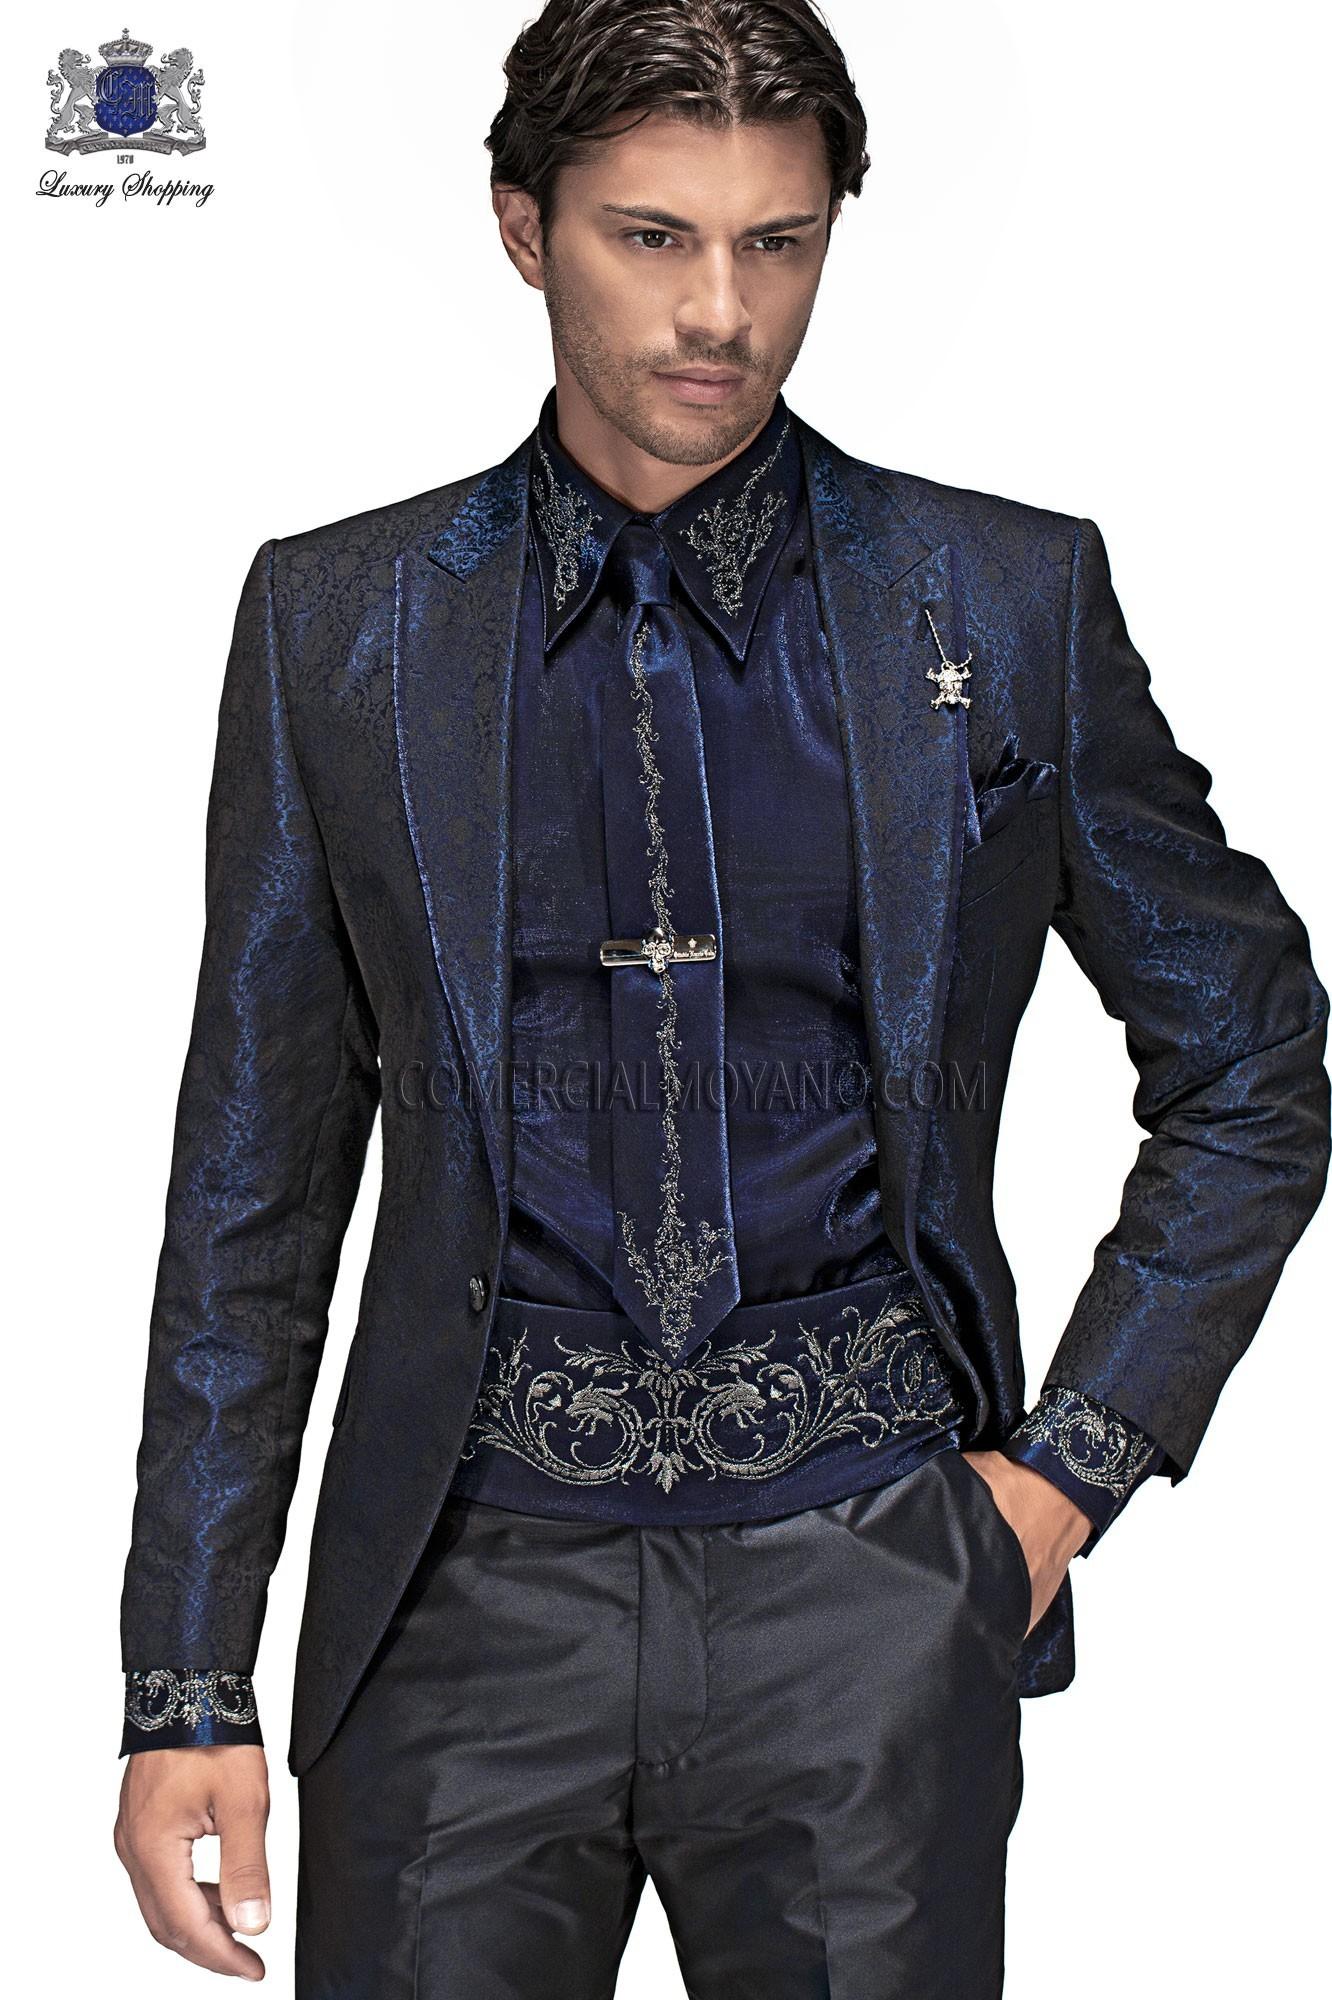 Traje de moda hombre azul modelo: 60369 Ottavio Nuccio Gala colección Emotion